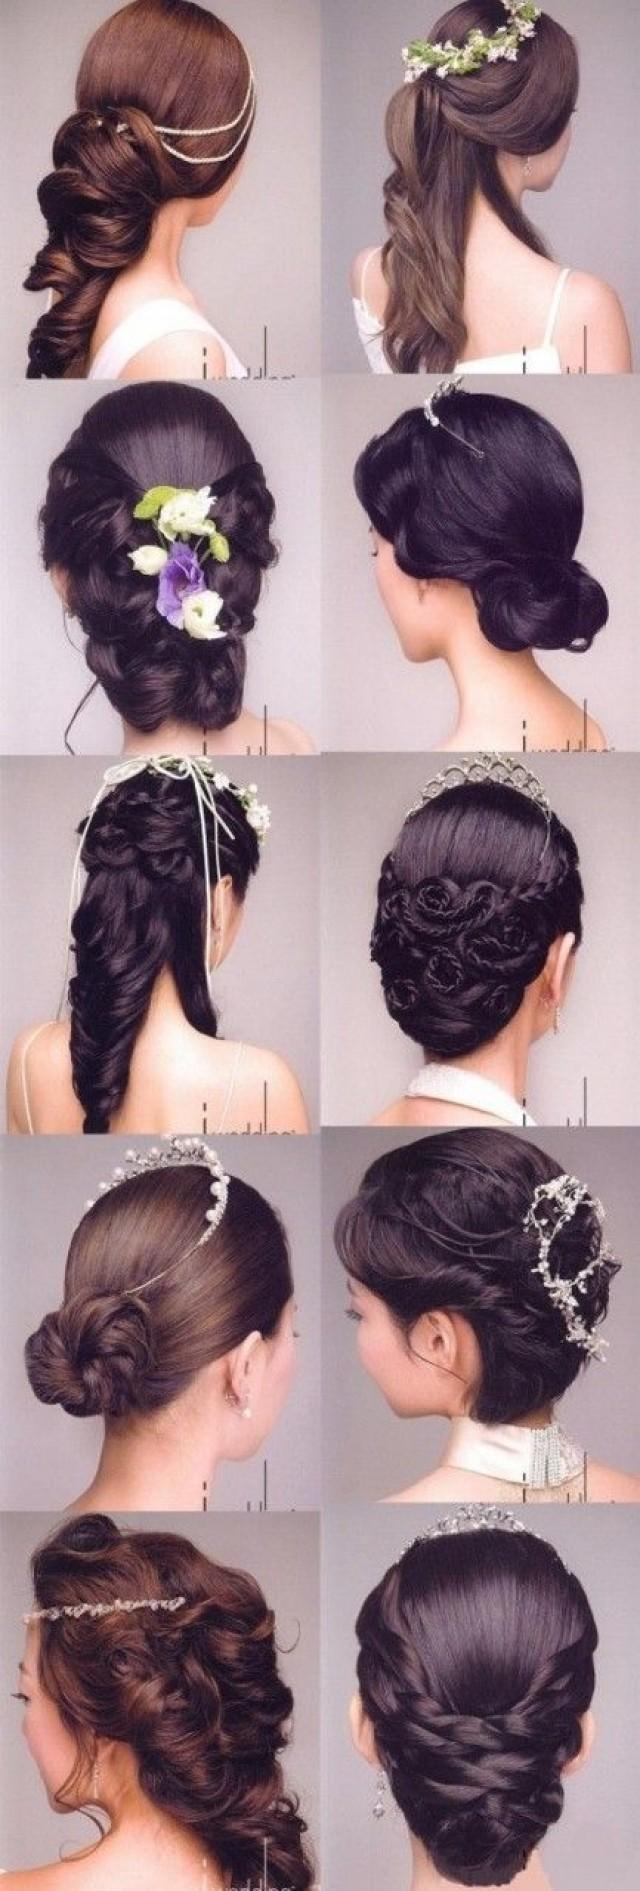 Прически на средние волосы на свадьбу к подруге фото пошагово